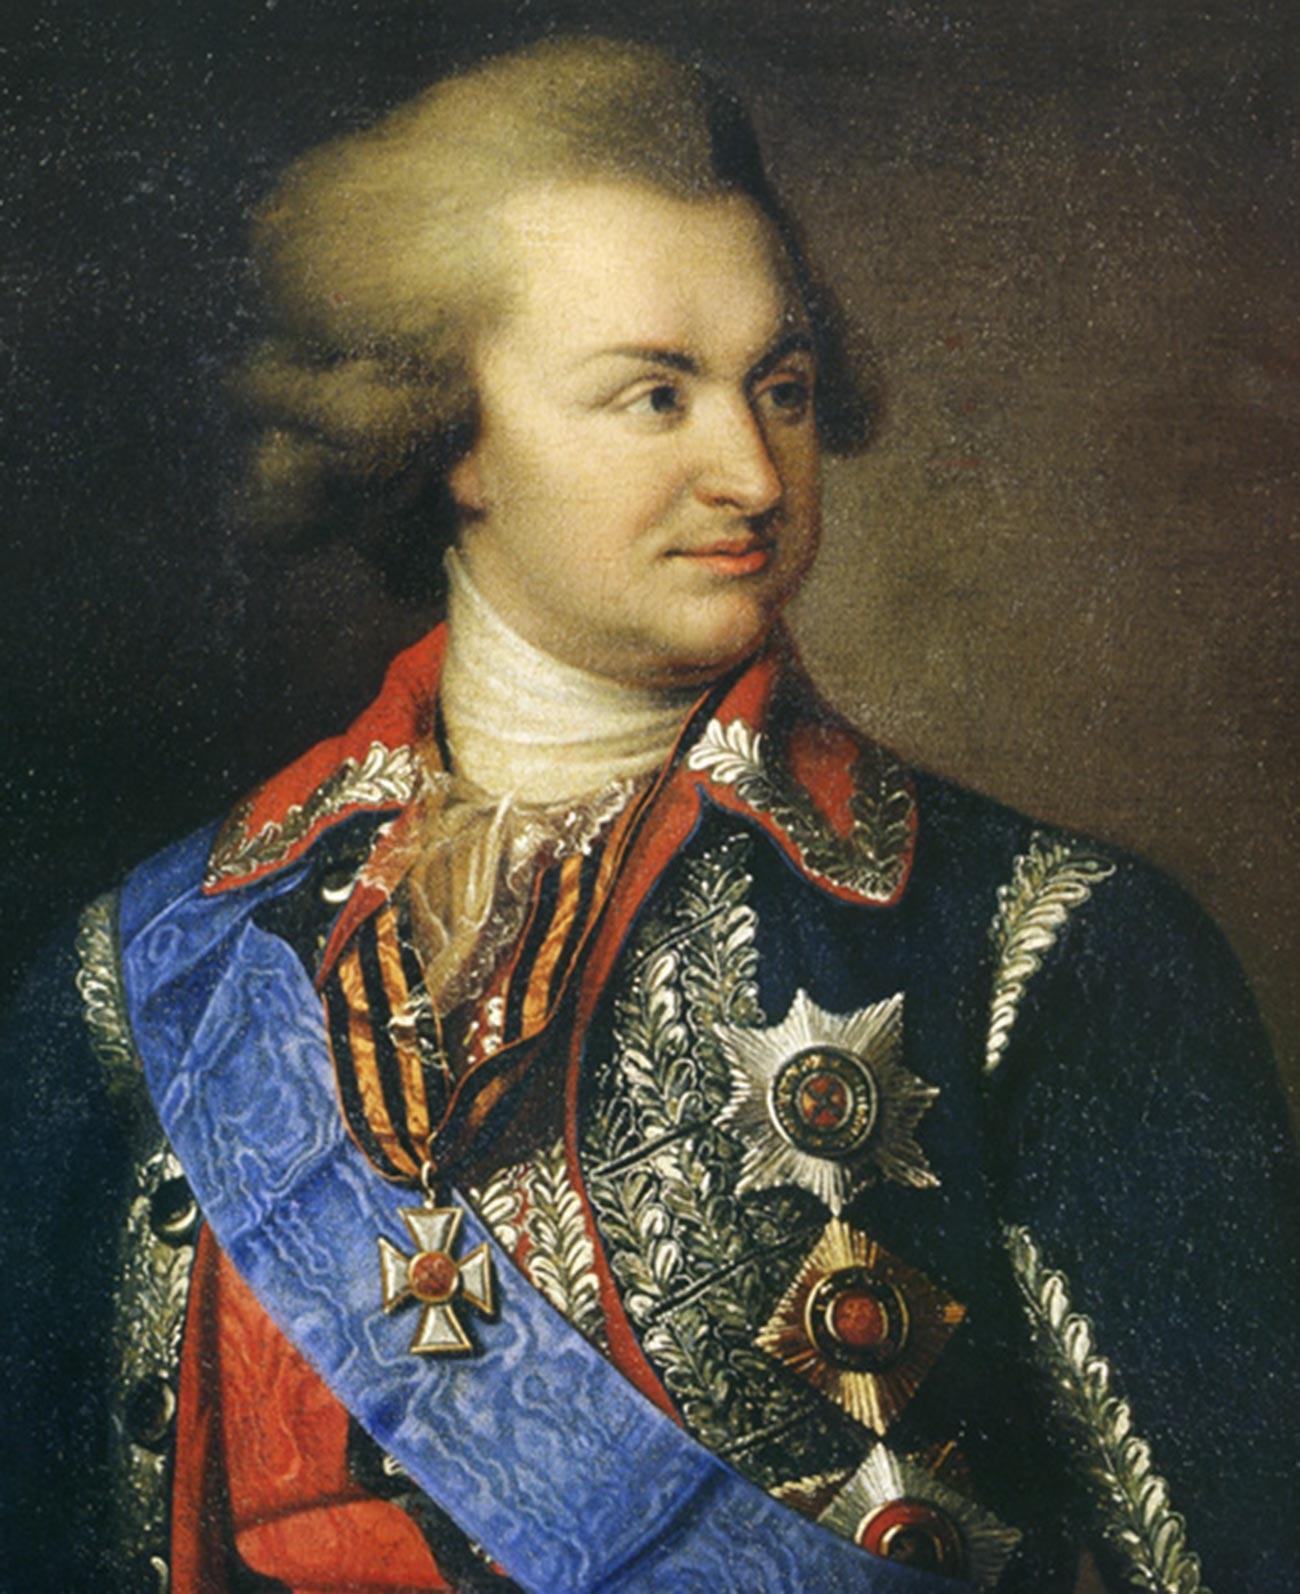 Светлейший князь Григорий Потемкин.